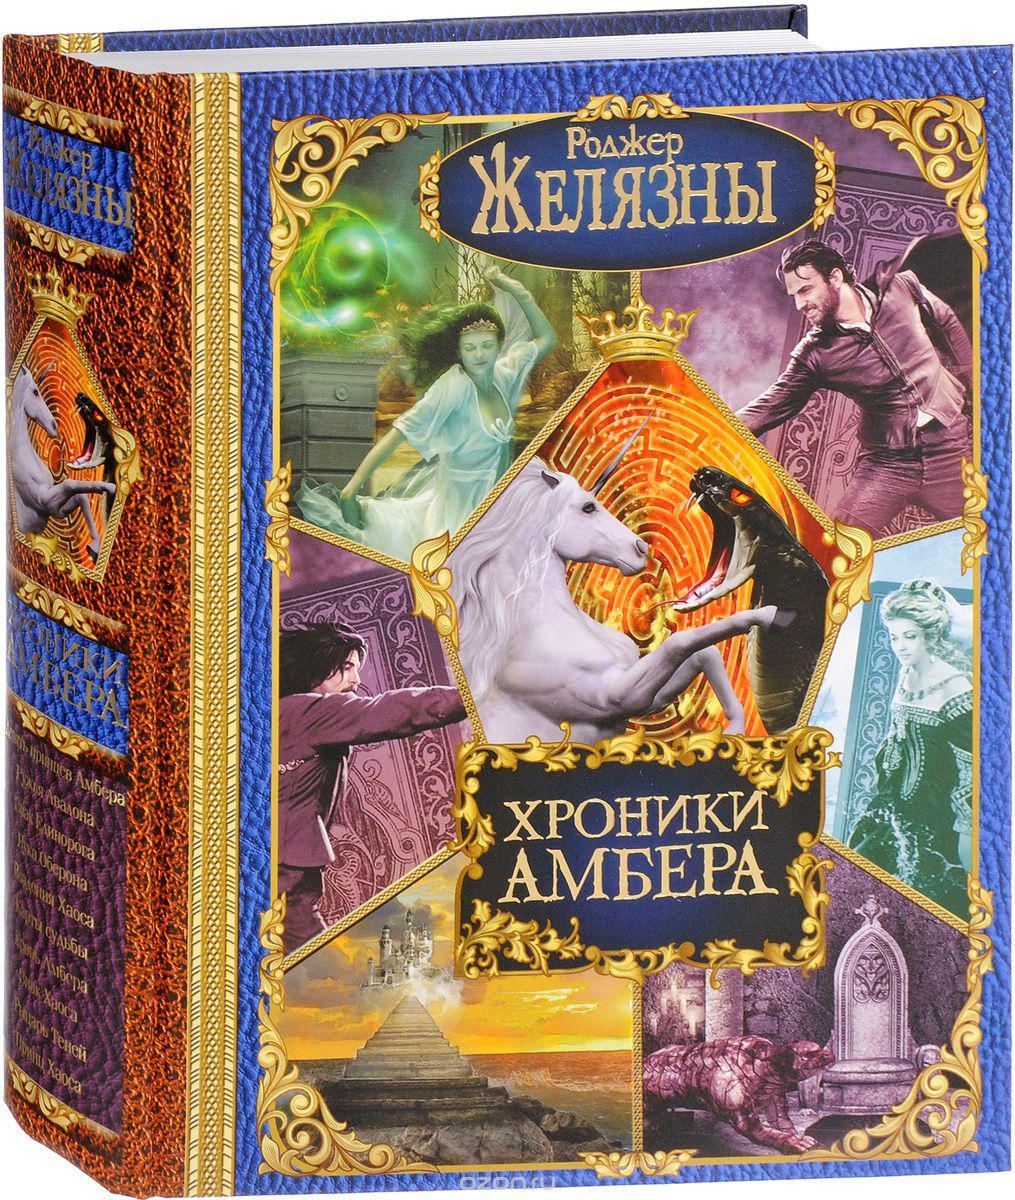 Хроники Амбера 10 романов под одной обложкой